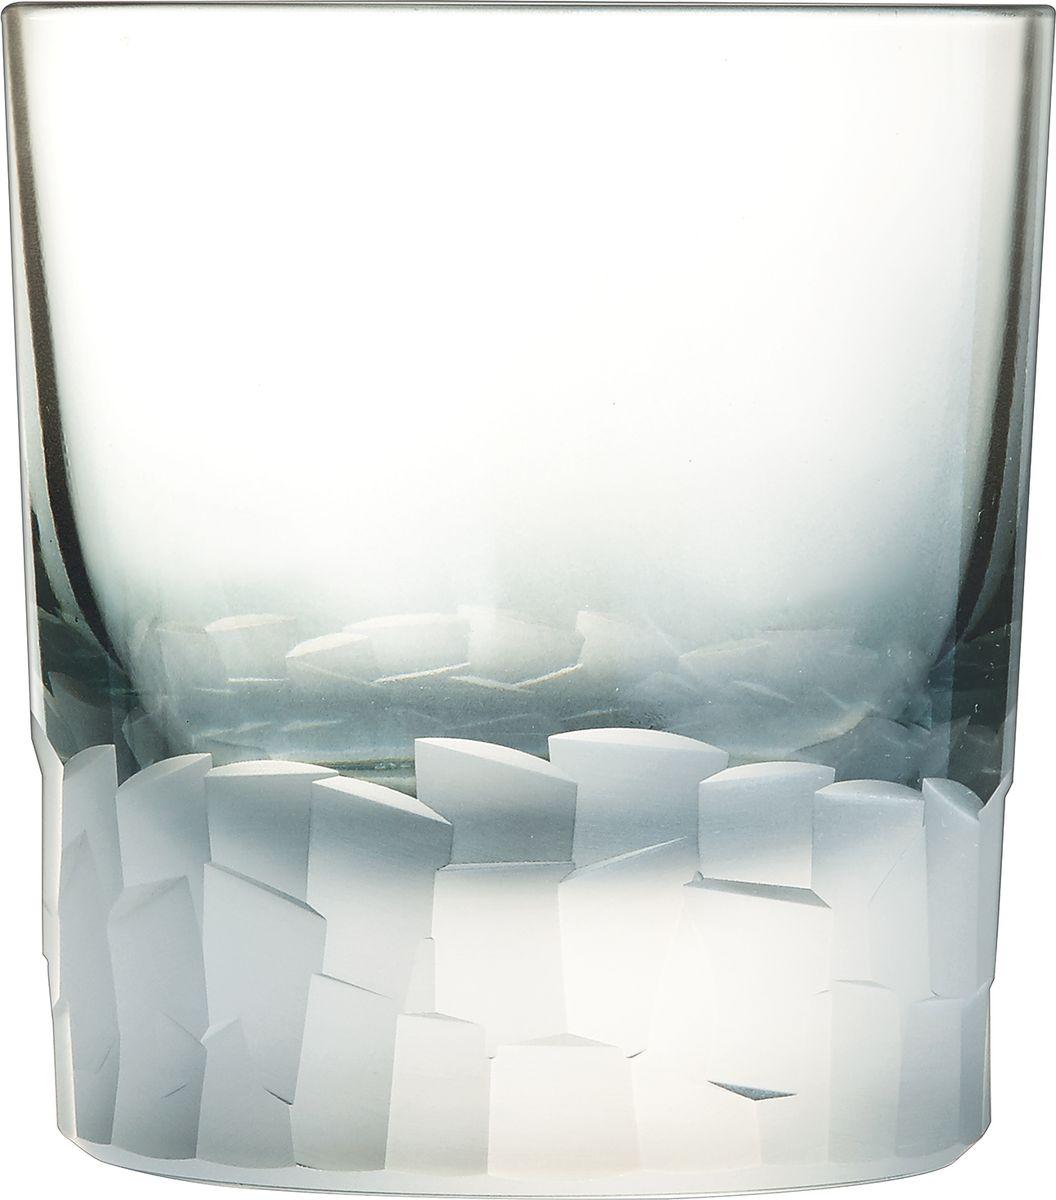 Набор стаканов Cristal dArques Intuition, 320 мл, 6 шт. L8642L8642Множество ограненных, четких, структурированных поверхностей пересекается случайным образом, образуя плотный лабиринт. Кубизм на столе. Коллекция Intuition — это проникновенное сверкающее хрусталем посвящение кубизму. Основания стаканов и стенки покрыты фрагментированными гранями, напоминающими манеру художников-кубистов. Основные геометрические формы непрерывно раскладываются и составляются вновь. Ограненные, четкие, структурированные поверхности пересекаются случайным образом. Геометрические объемы освобождаются, создавая густой лабиринт. Текстурированные и матовые поверхности контрастируют с блеском гладкого стекла, создавая переменчивый декор, в котором чередуются плоские и рельефные элементы.